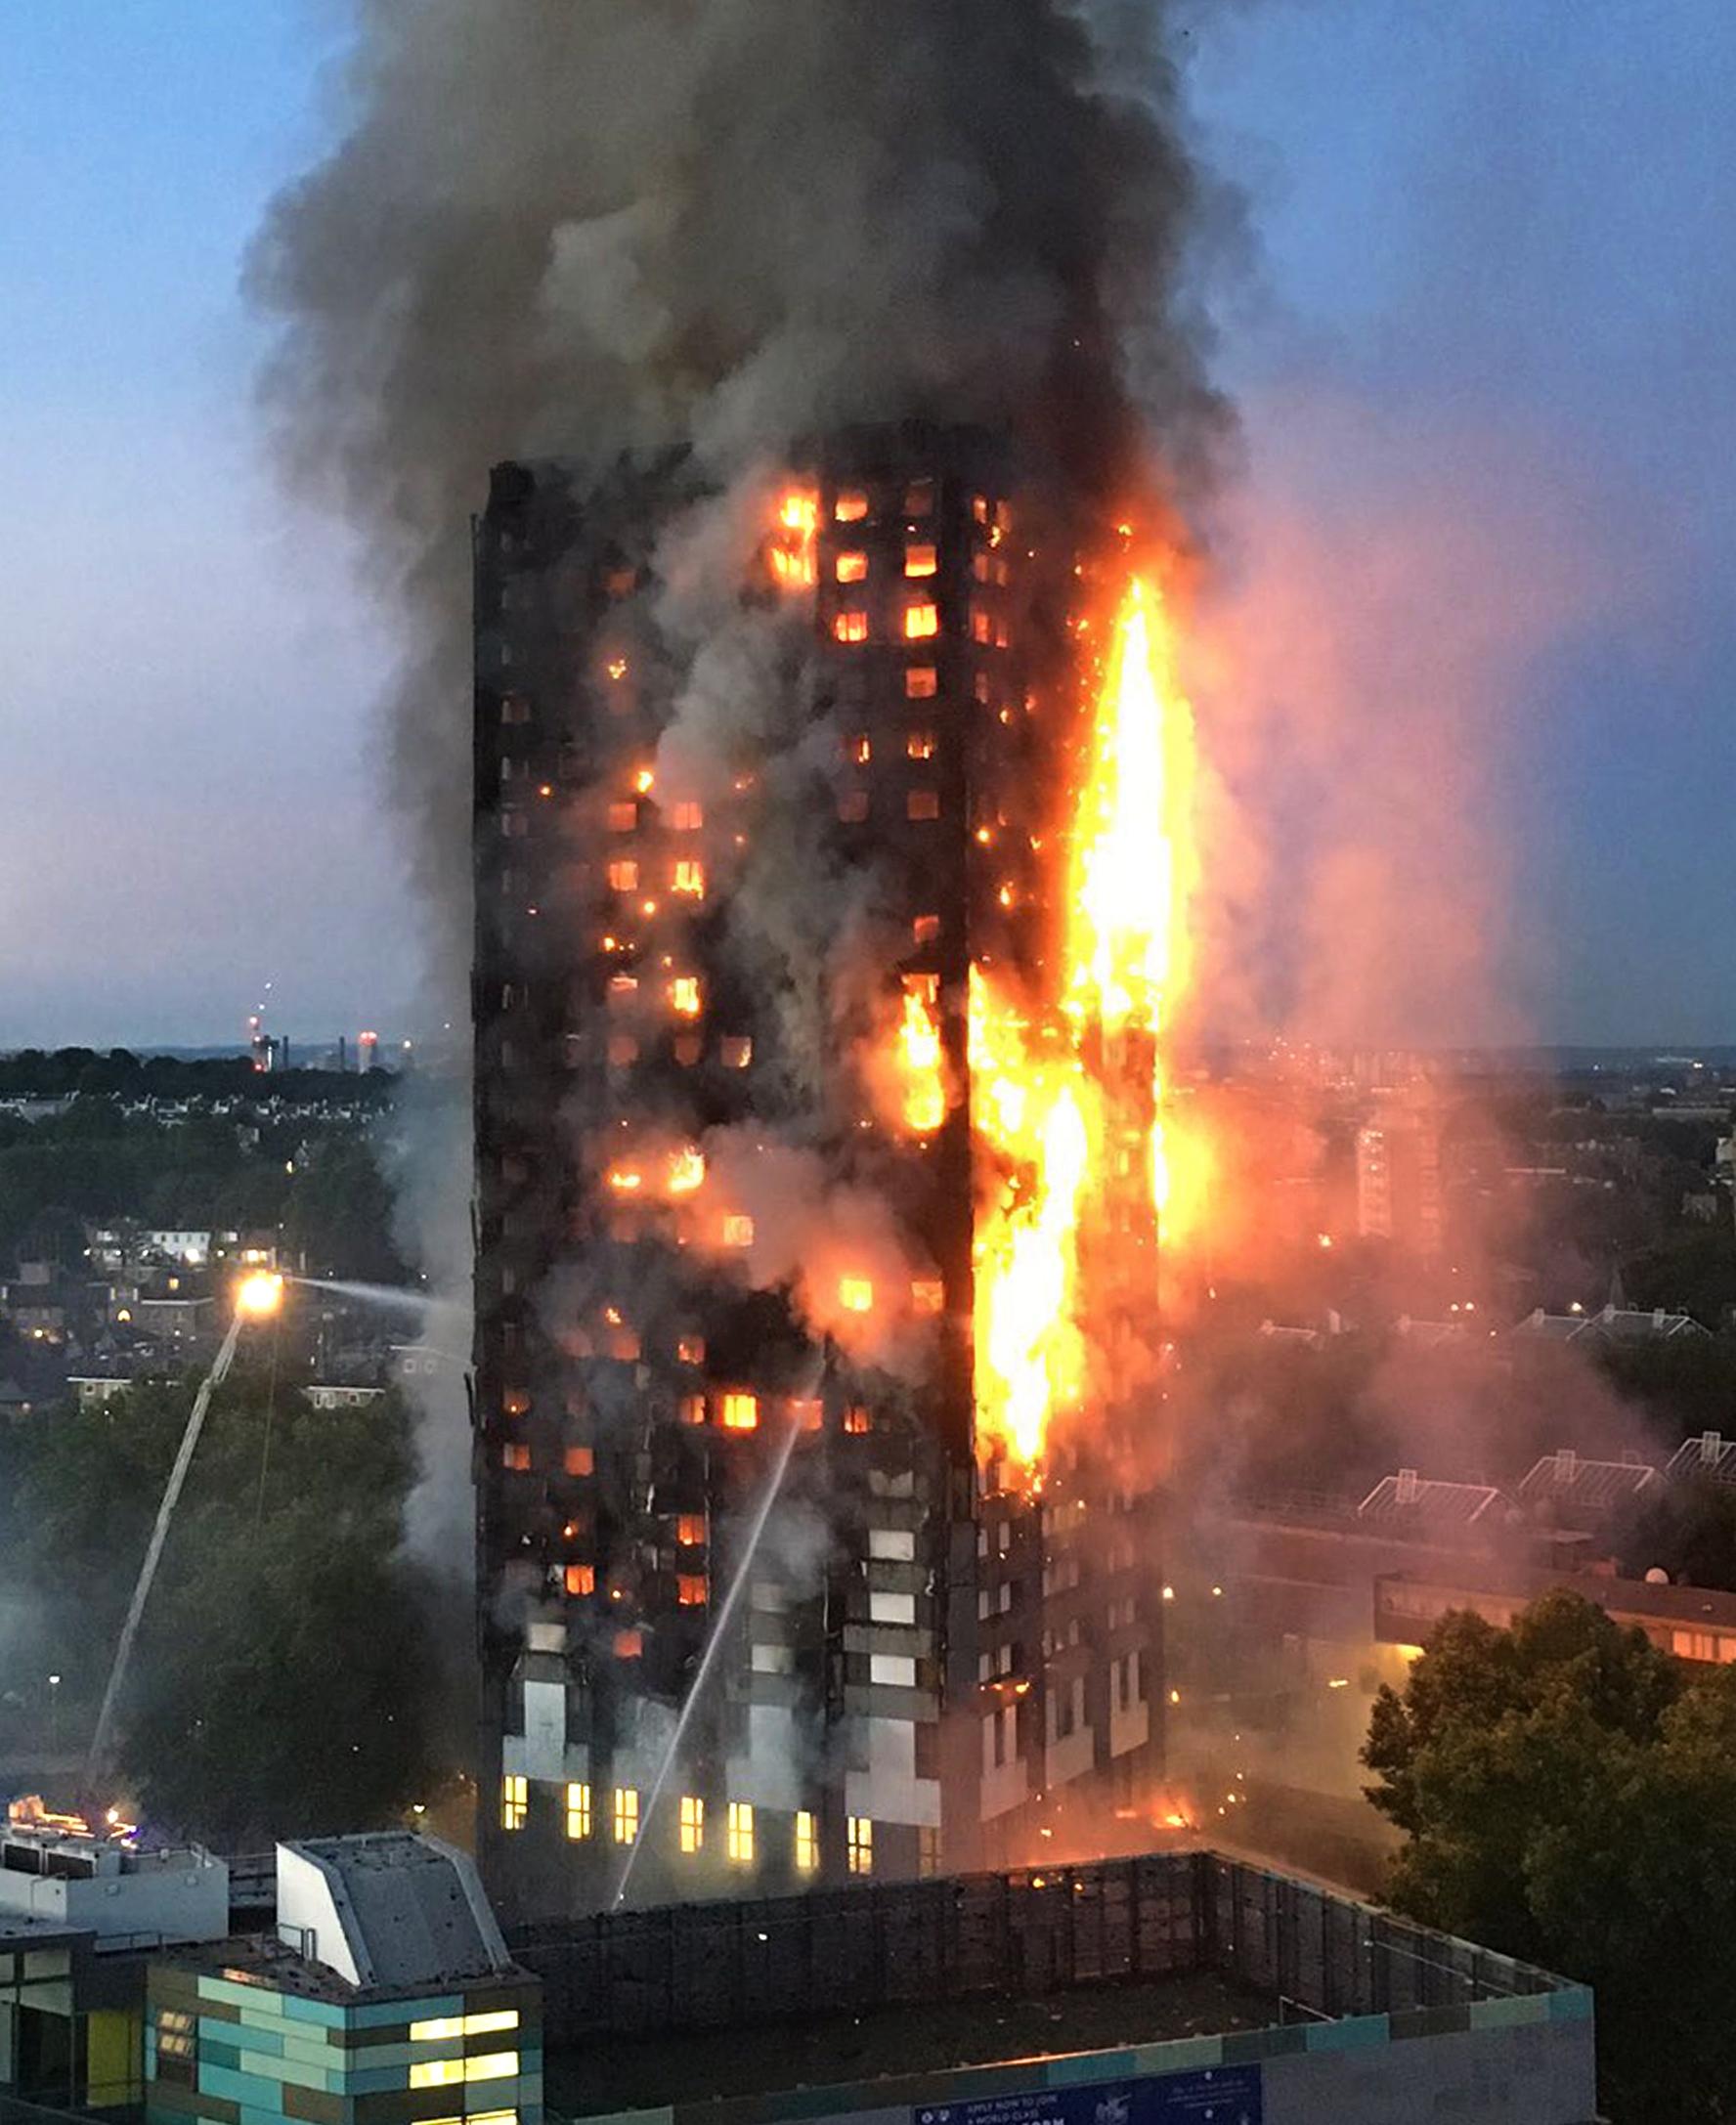 영국 런던에 있는 24층짜리 아파트 건물 '그렌펠 타워' 2층에서 14일(현지시간) 새벽 화재가 나 삽시간에 건물 꼭대기까지 번져 건물 전체가 화염에 휩싸여 있다. 런던 소방당국은...